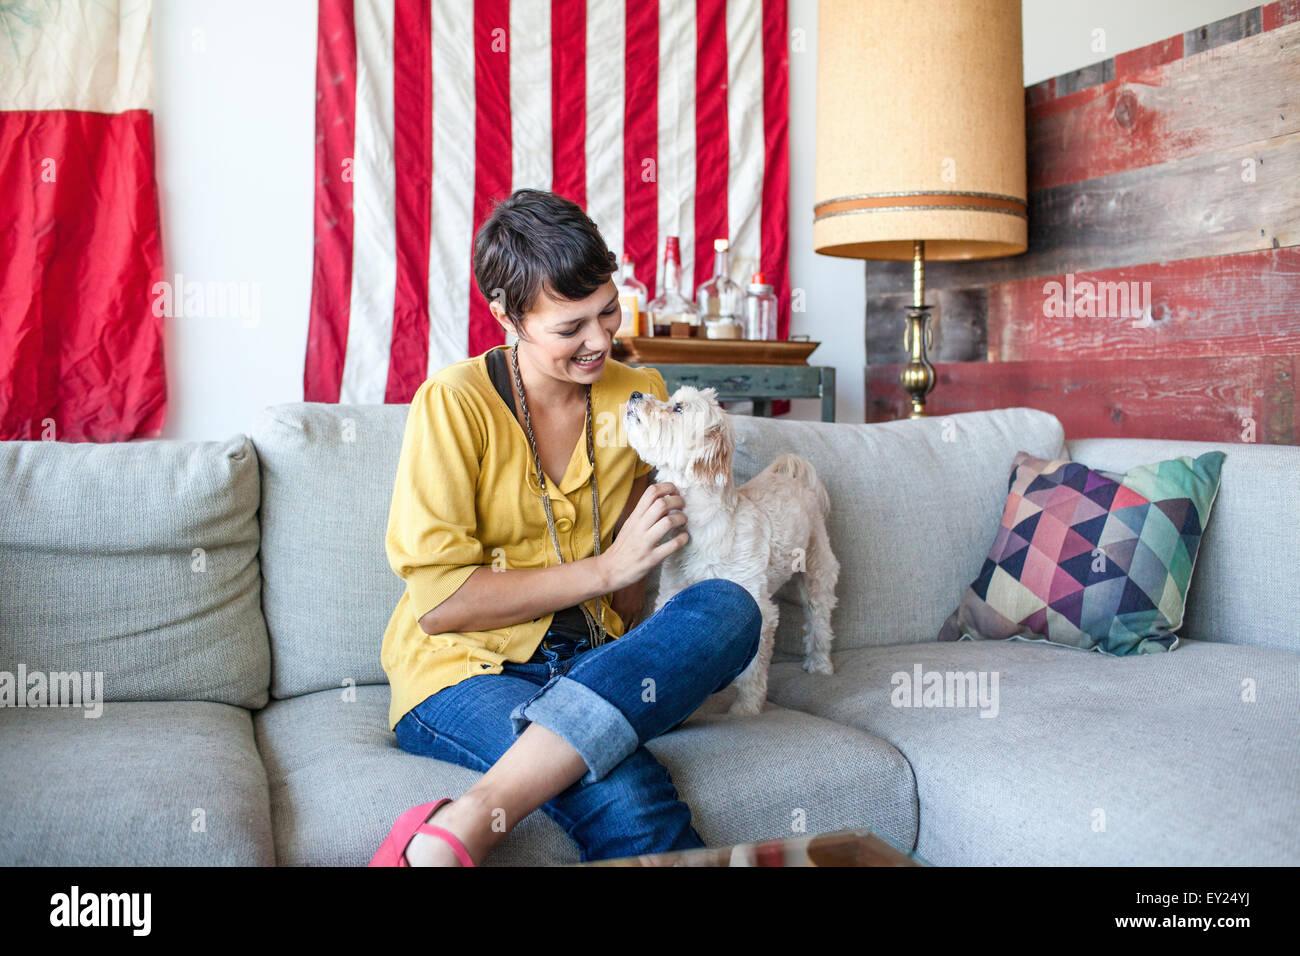 Mujer joven acariciar a perros en la sala de sofá Imagen De Stock